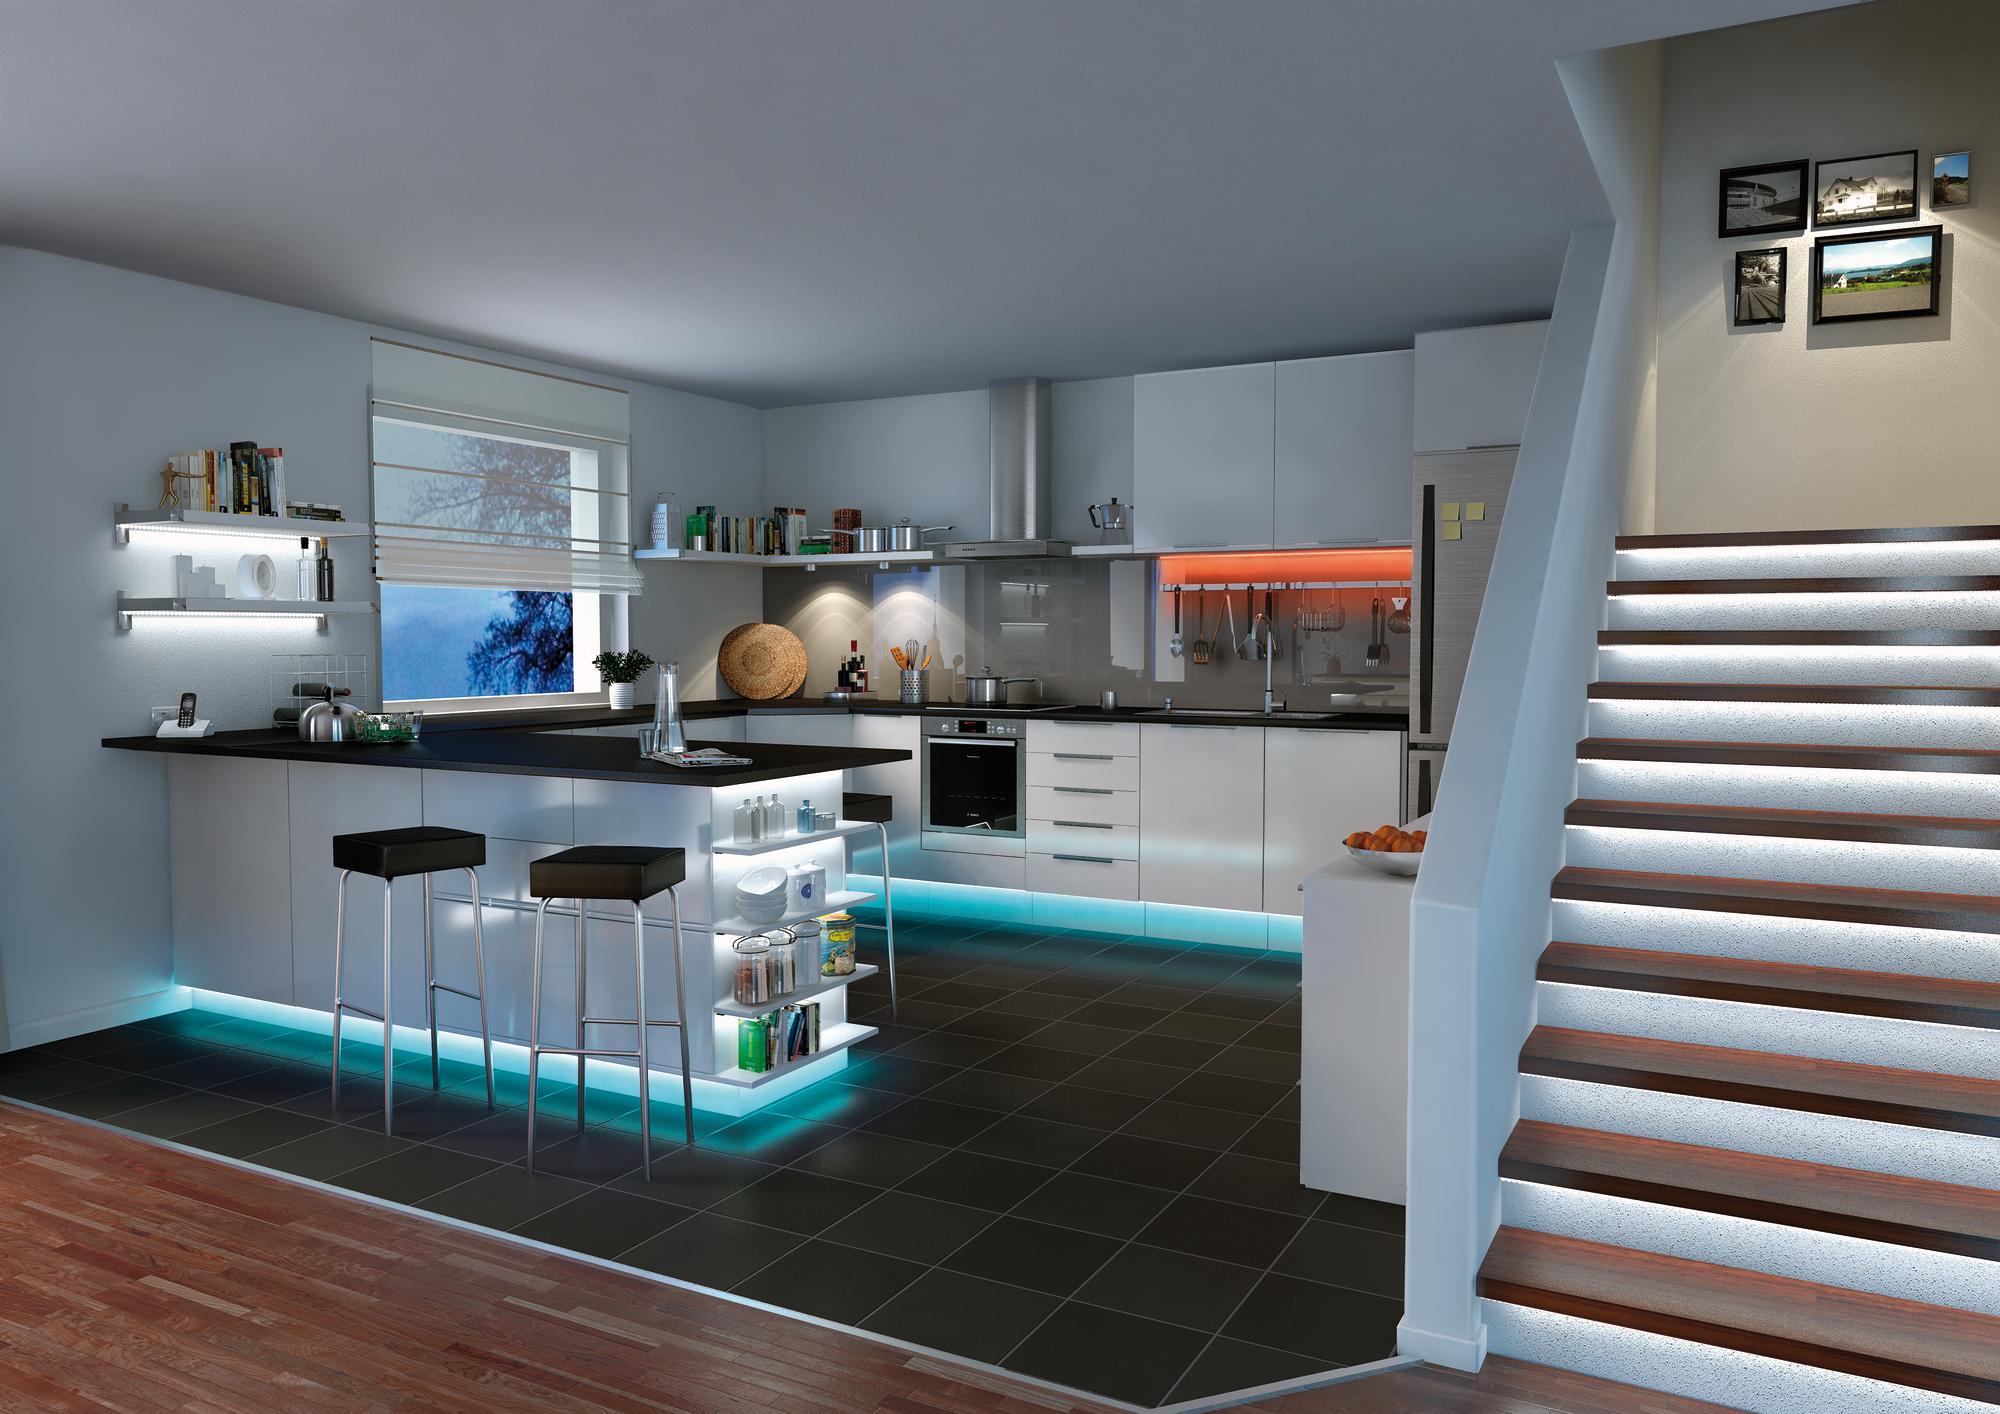 захочет господь кухни с подсветкой фото дизайн здесь